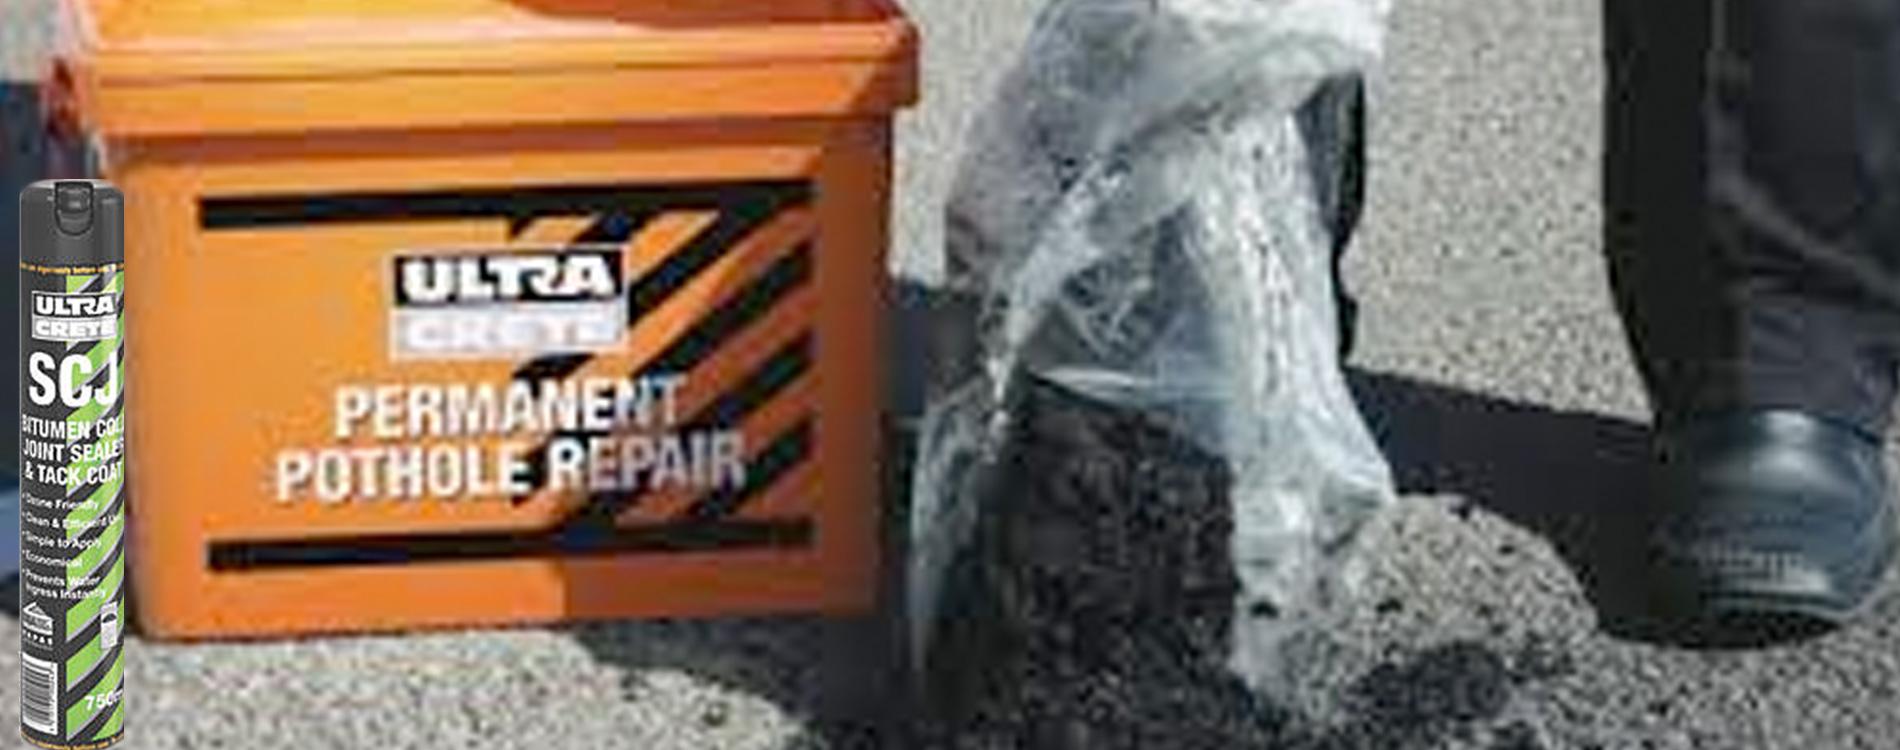 Pothole Repair Kits